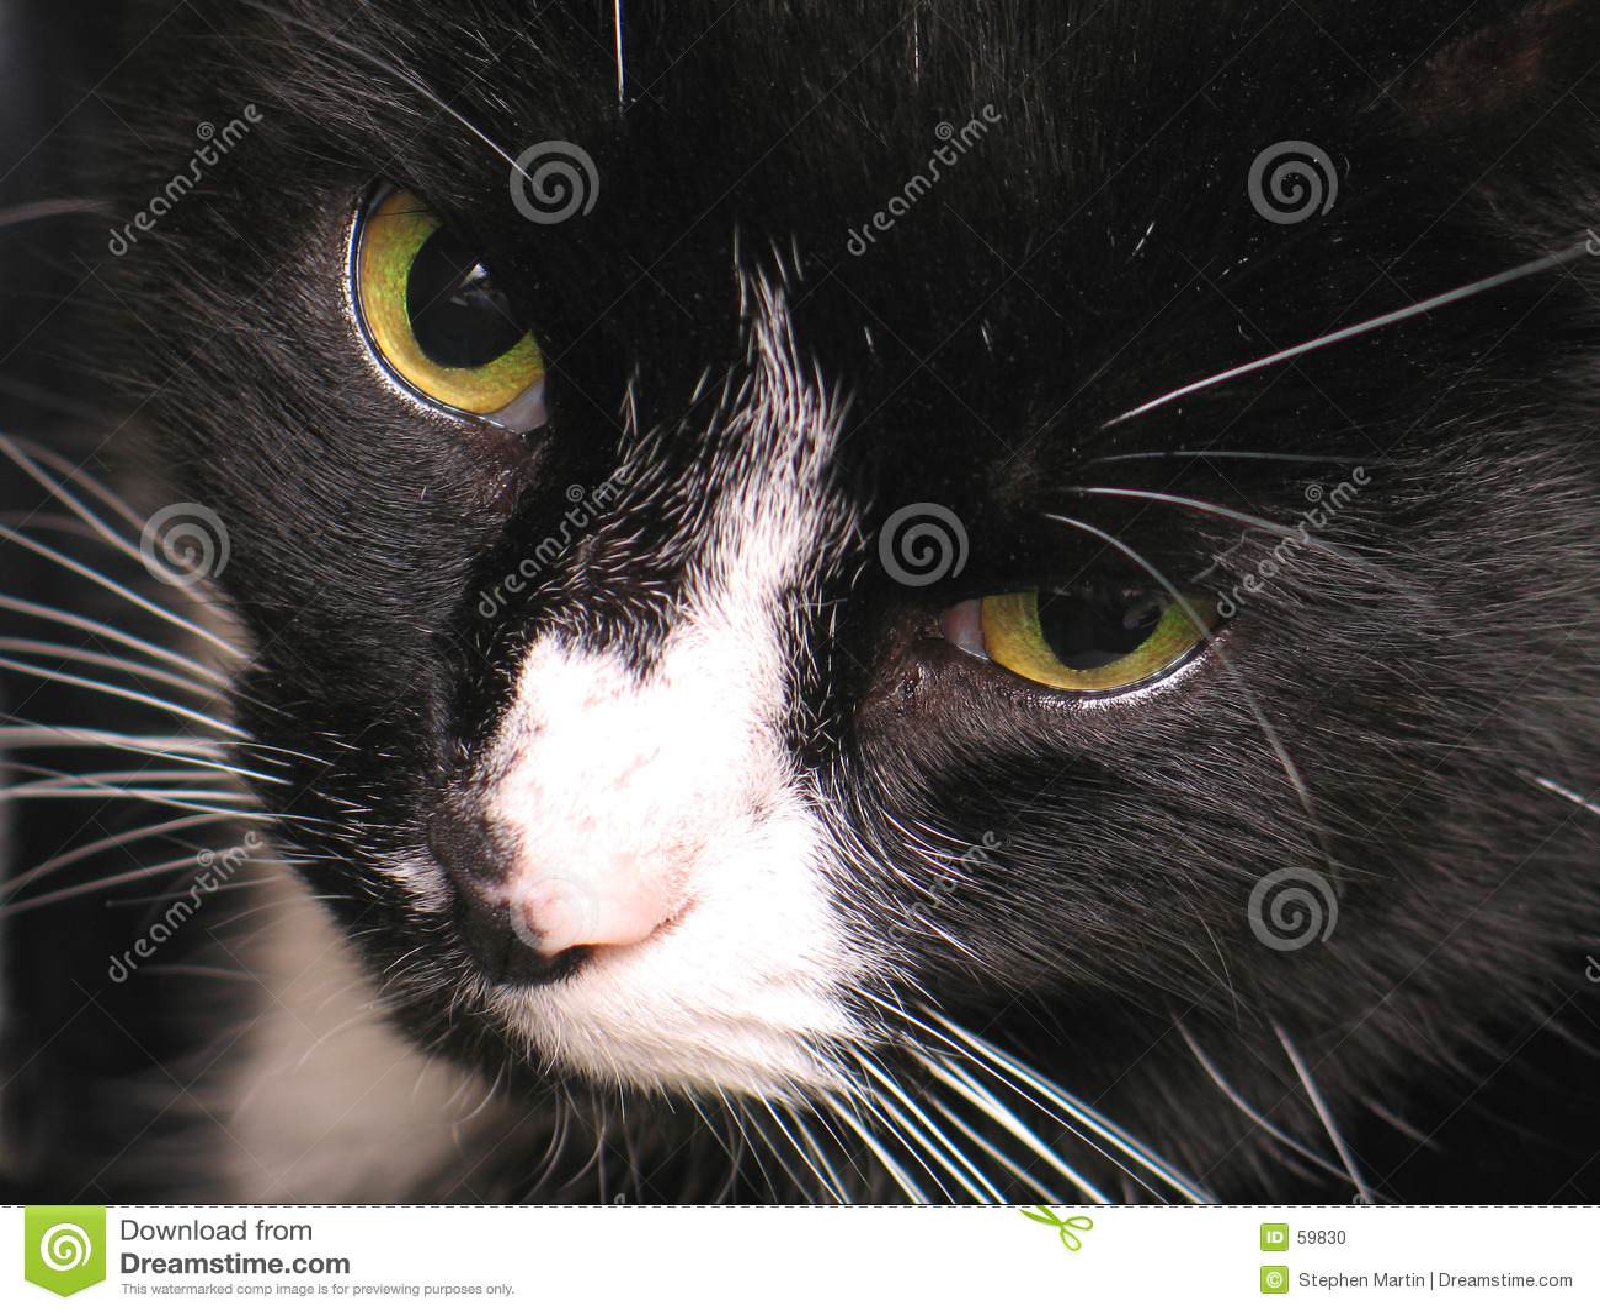 глаза кота s